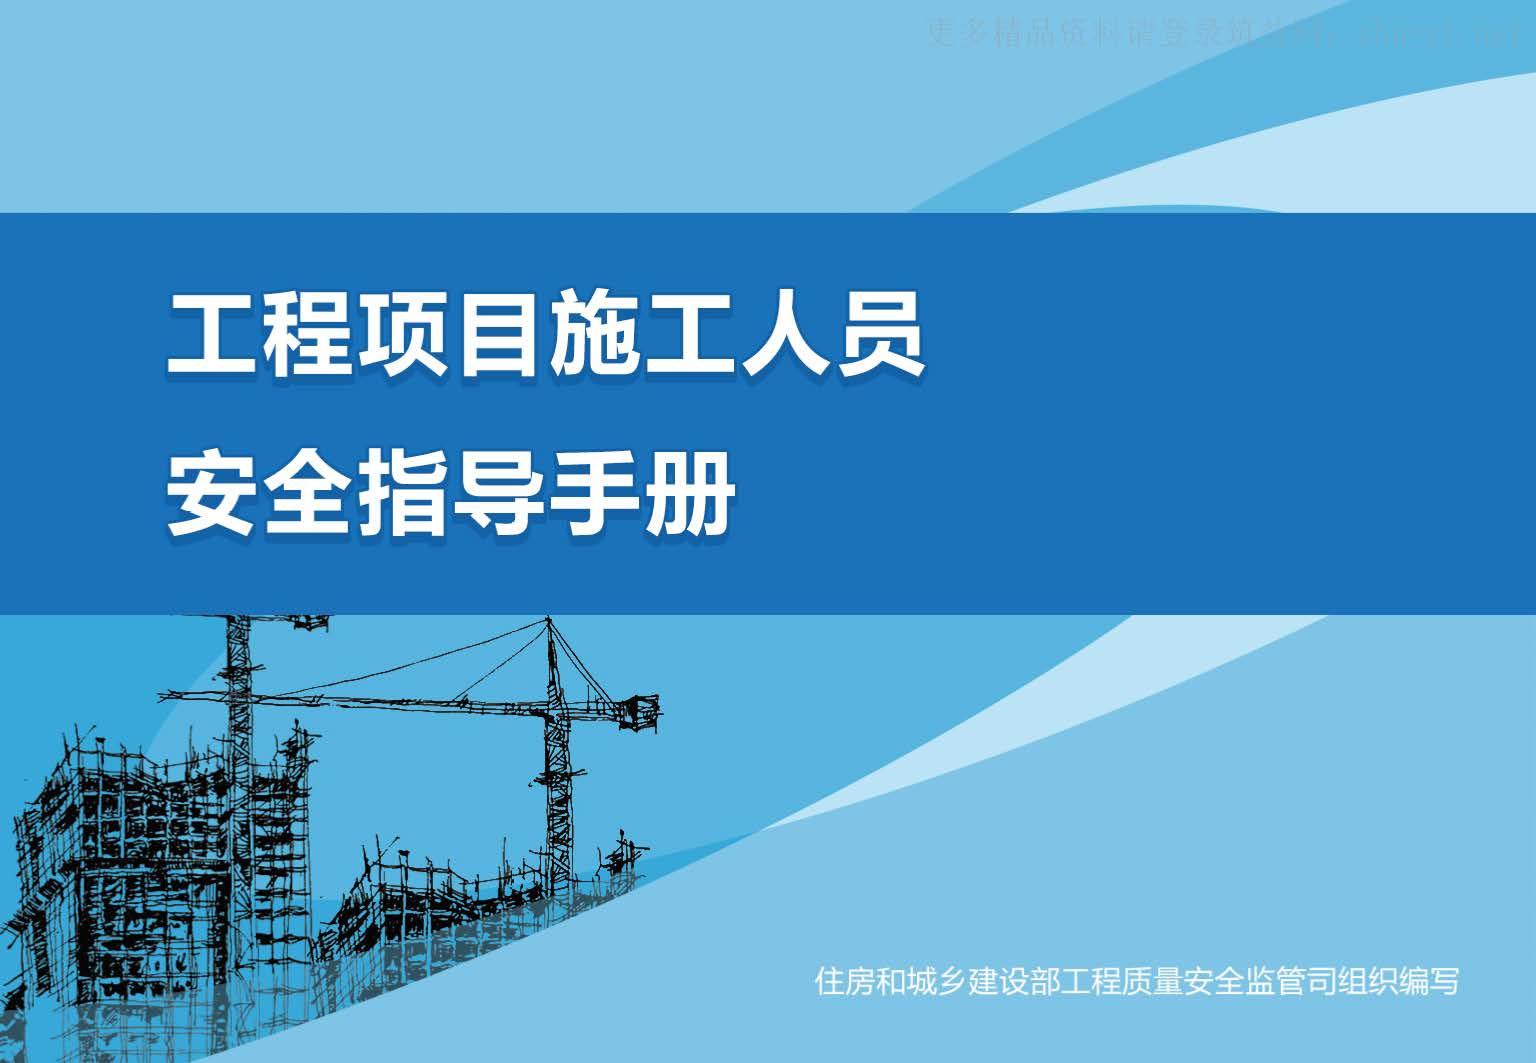 住建部发布漫画版《工程项目施工人员安全指导手册》,附PDF完整资料下载!